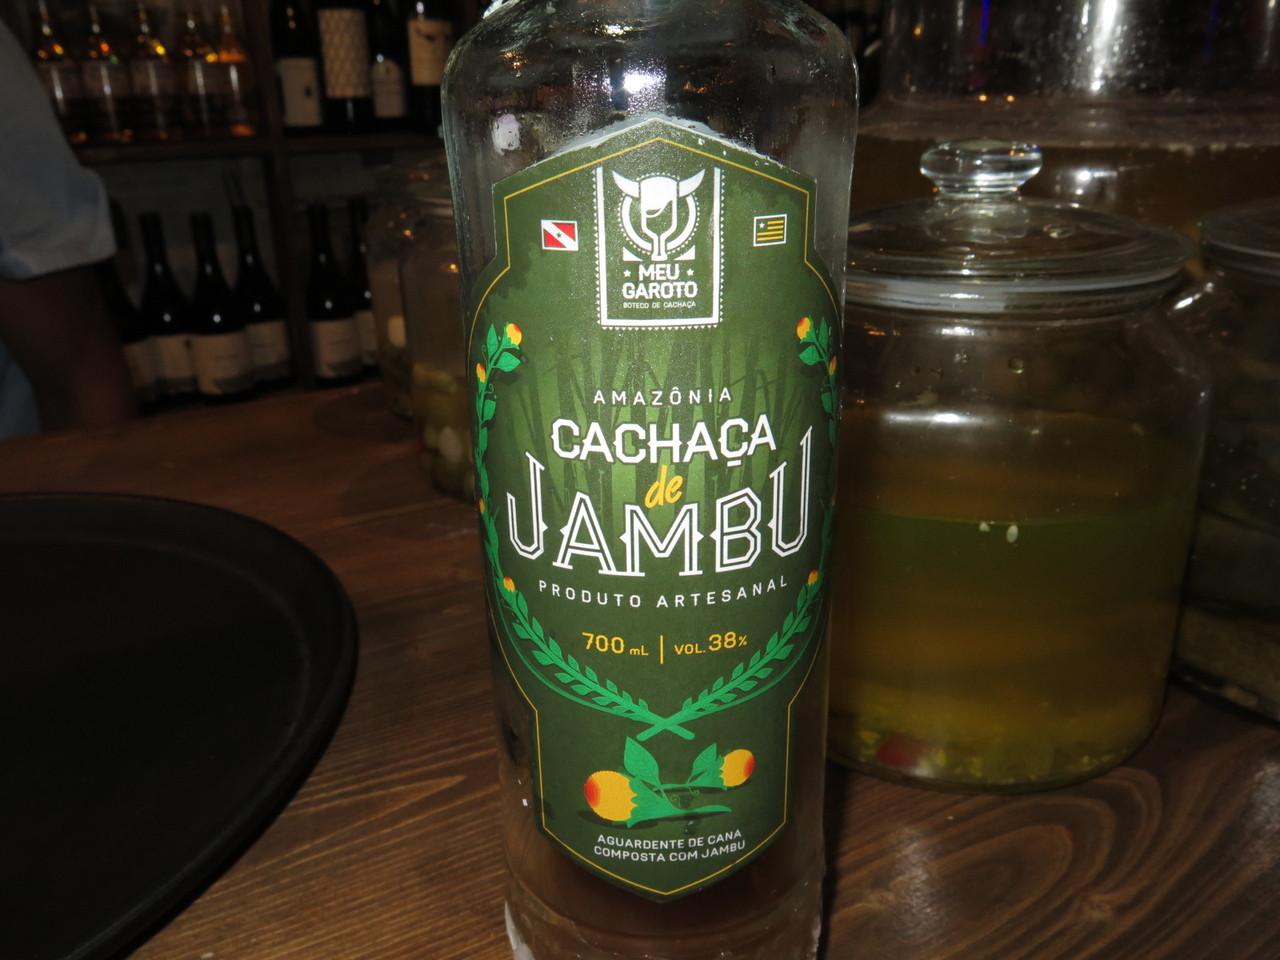 Cachaça de Jambu